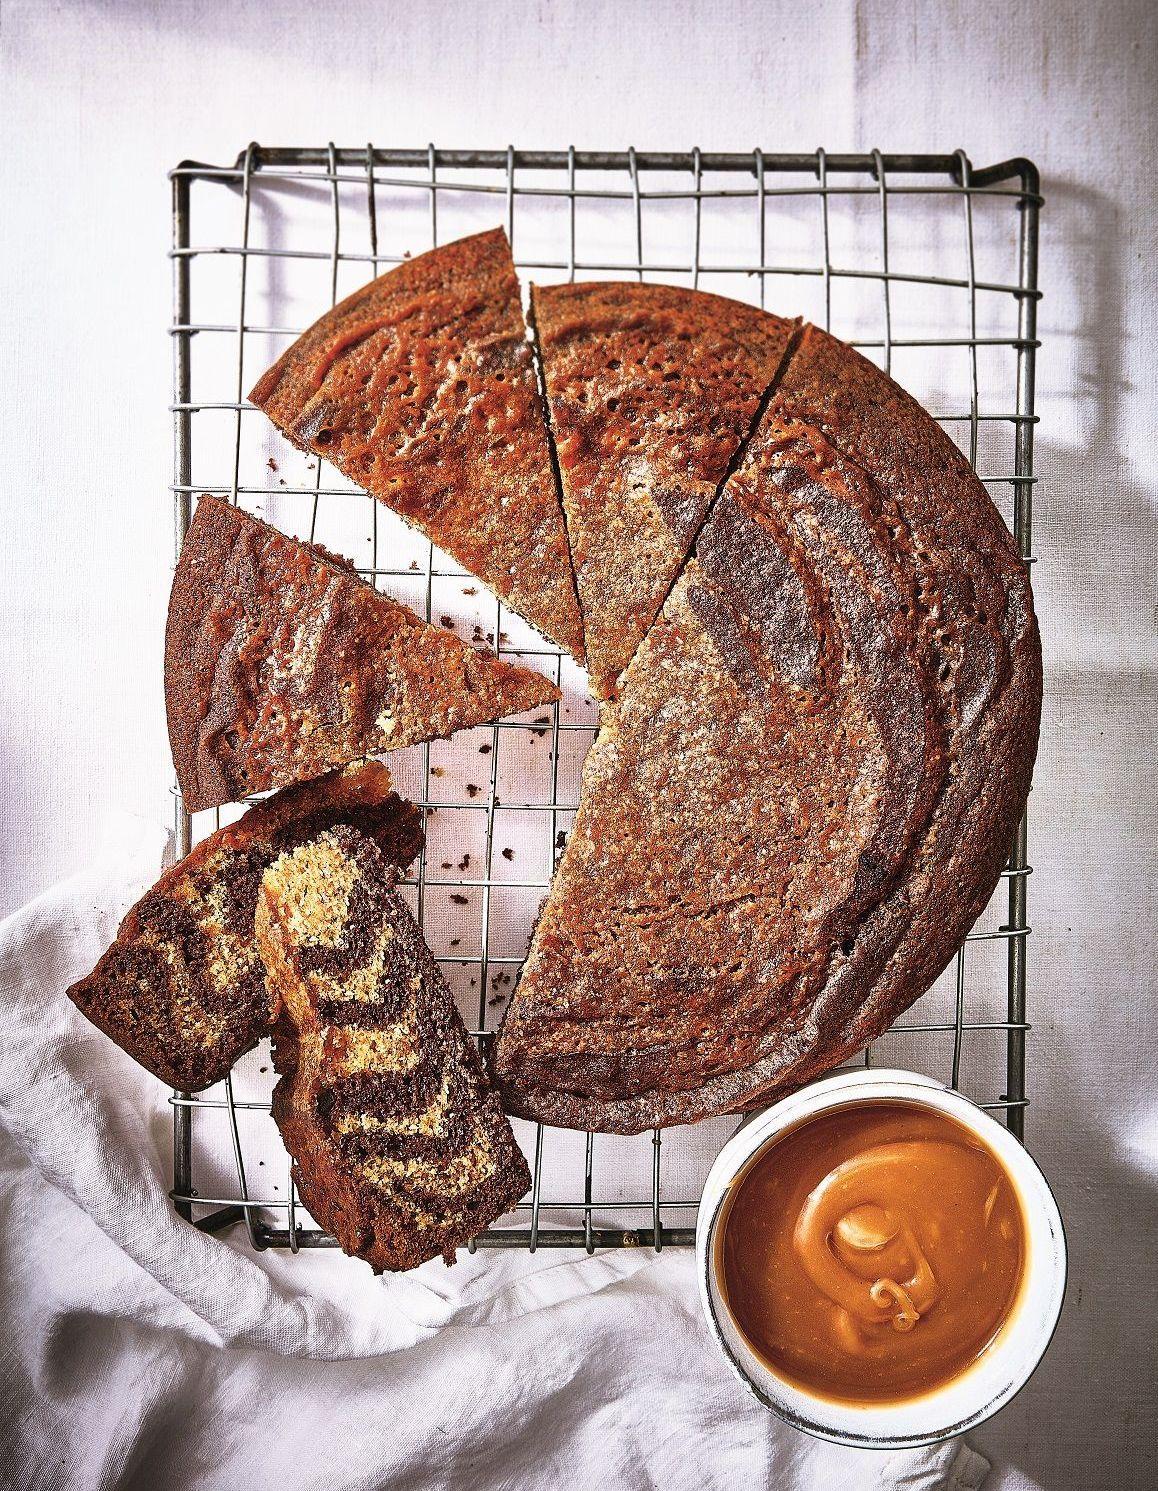 g teau marbr z bre chocolat caramel au beurre sal pour 6 personnes recettes elle table. Black Bedroom Furniture Sets. Home Design Ideas